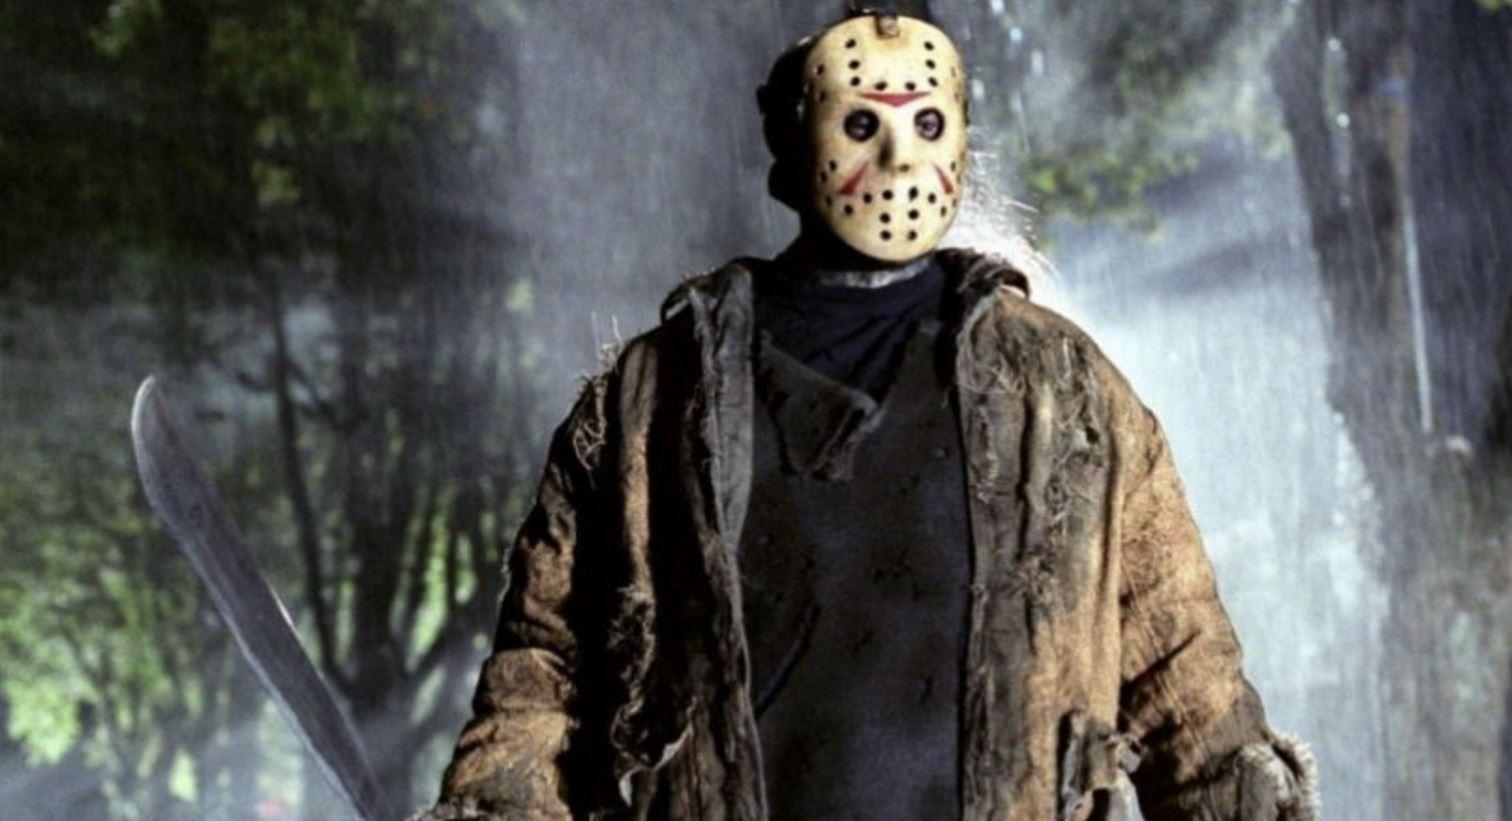 Jason está de volta em trailer de Voorhees, filme de fãs baseado em Sexta-Feira 13